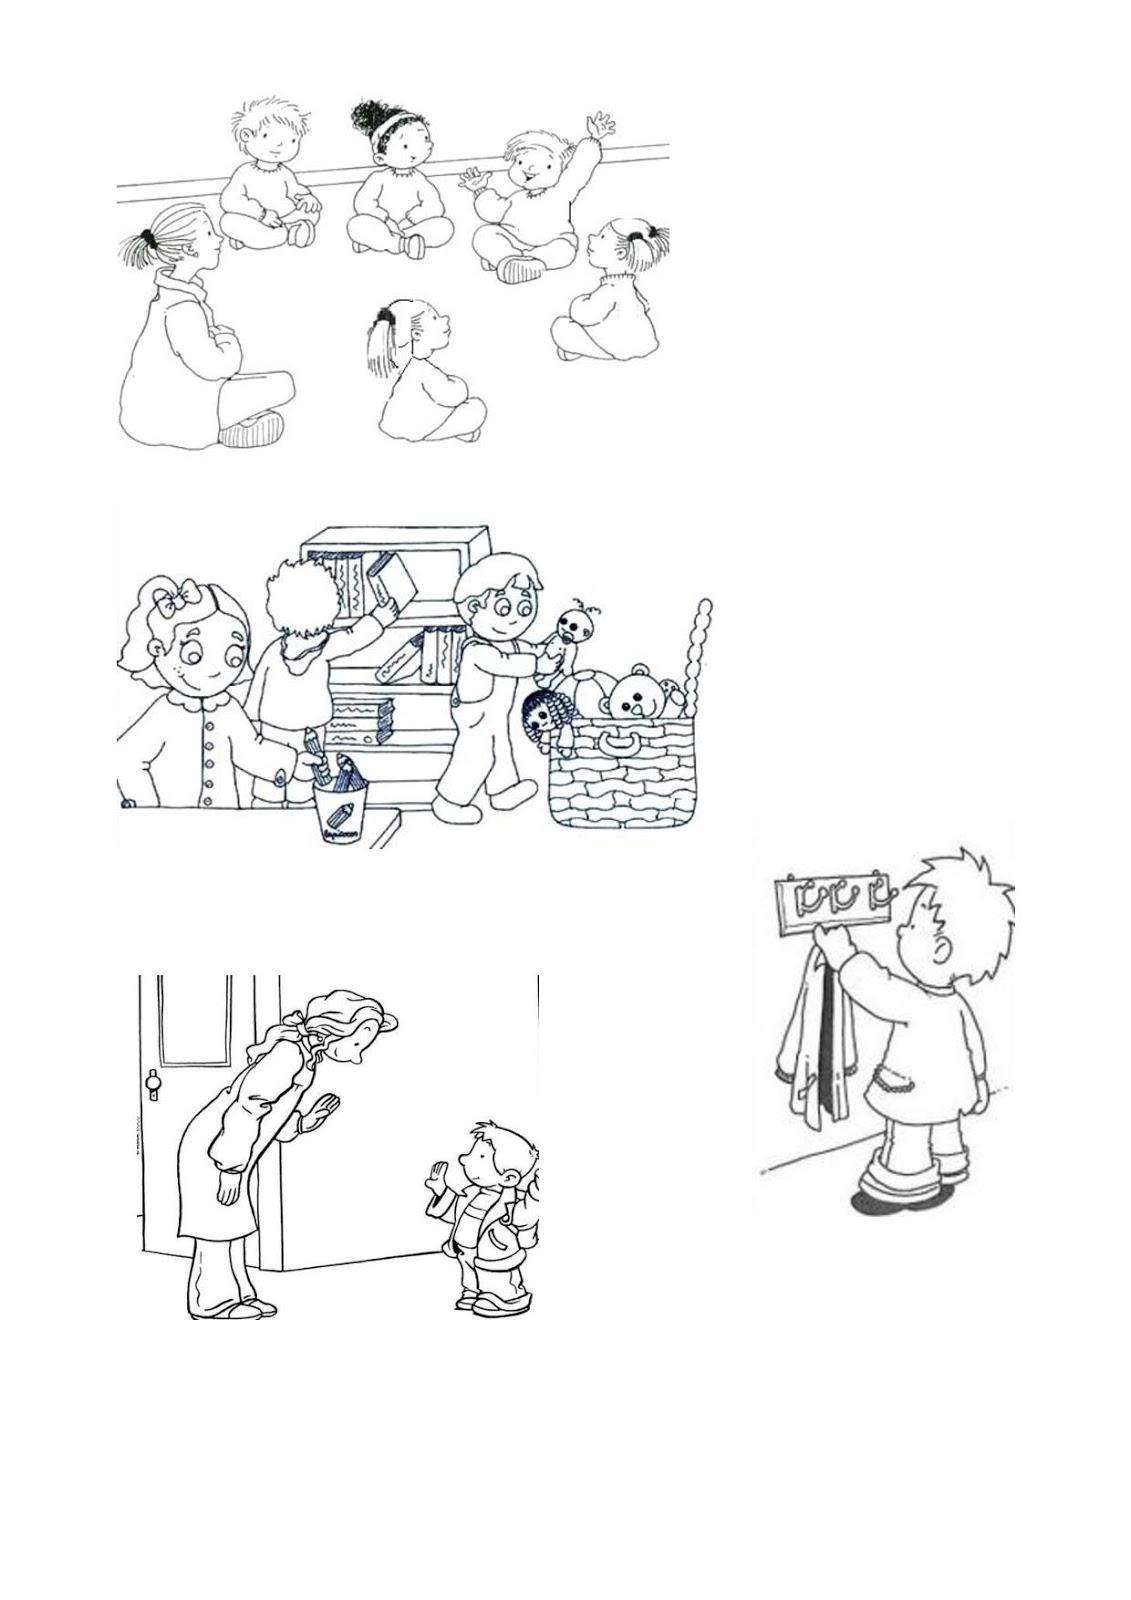 disegni per bambini di uncle granpa